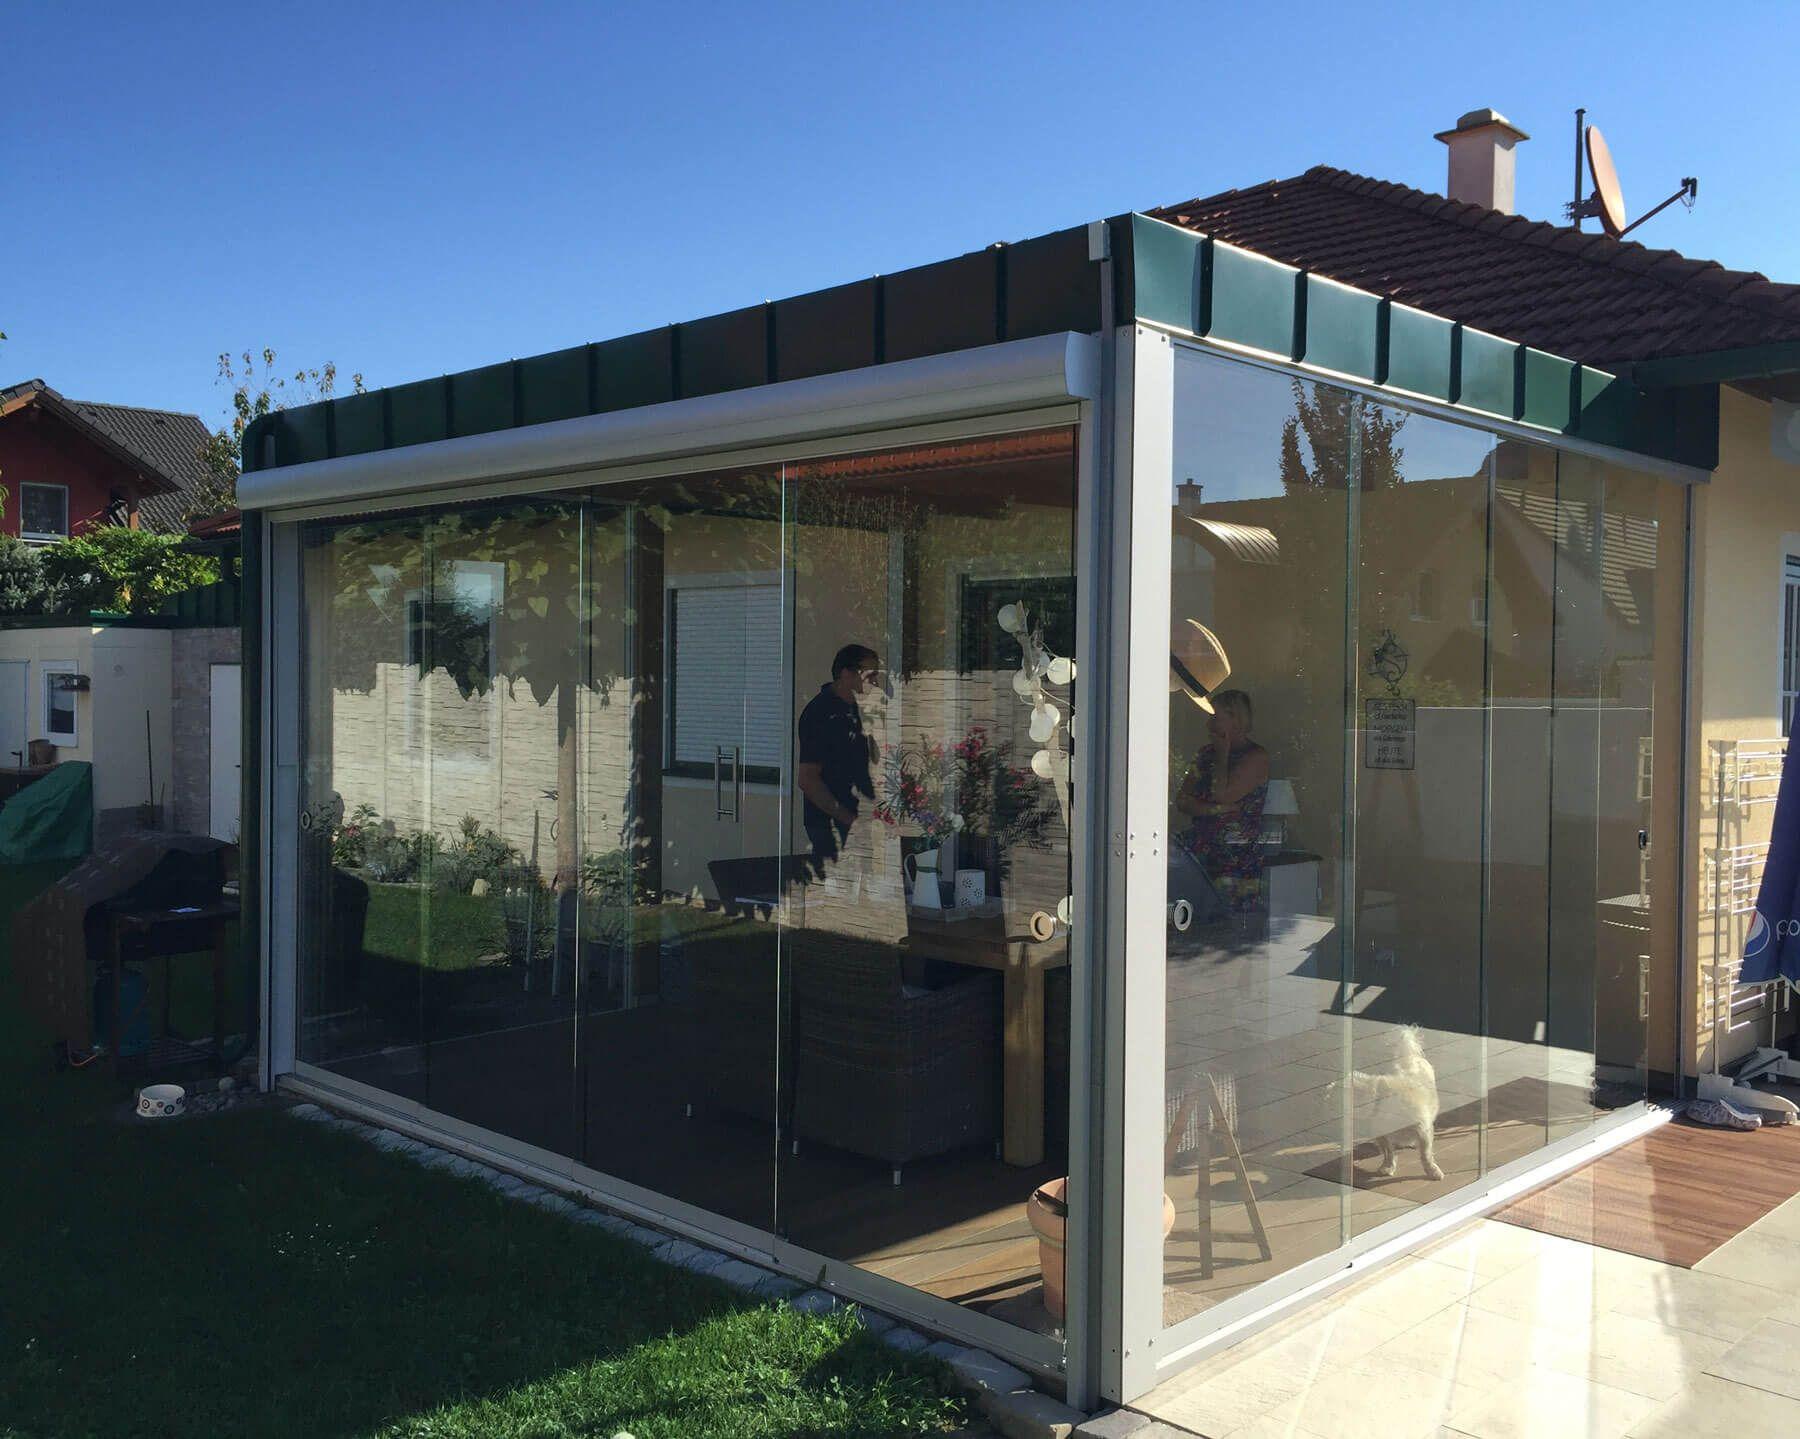 Sunflex Schiebetueren Für Terrasse | Balkon- & Terrassenverglasung ... Schiebeturen Fur Die Terrasse